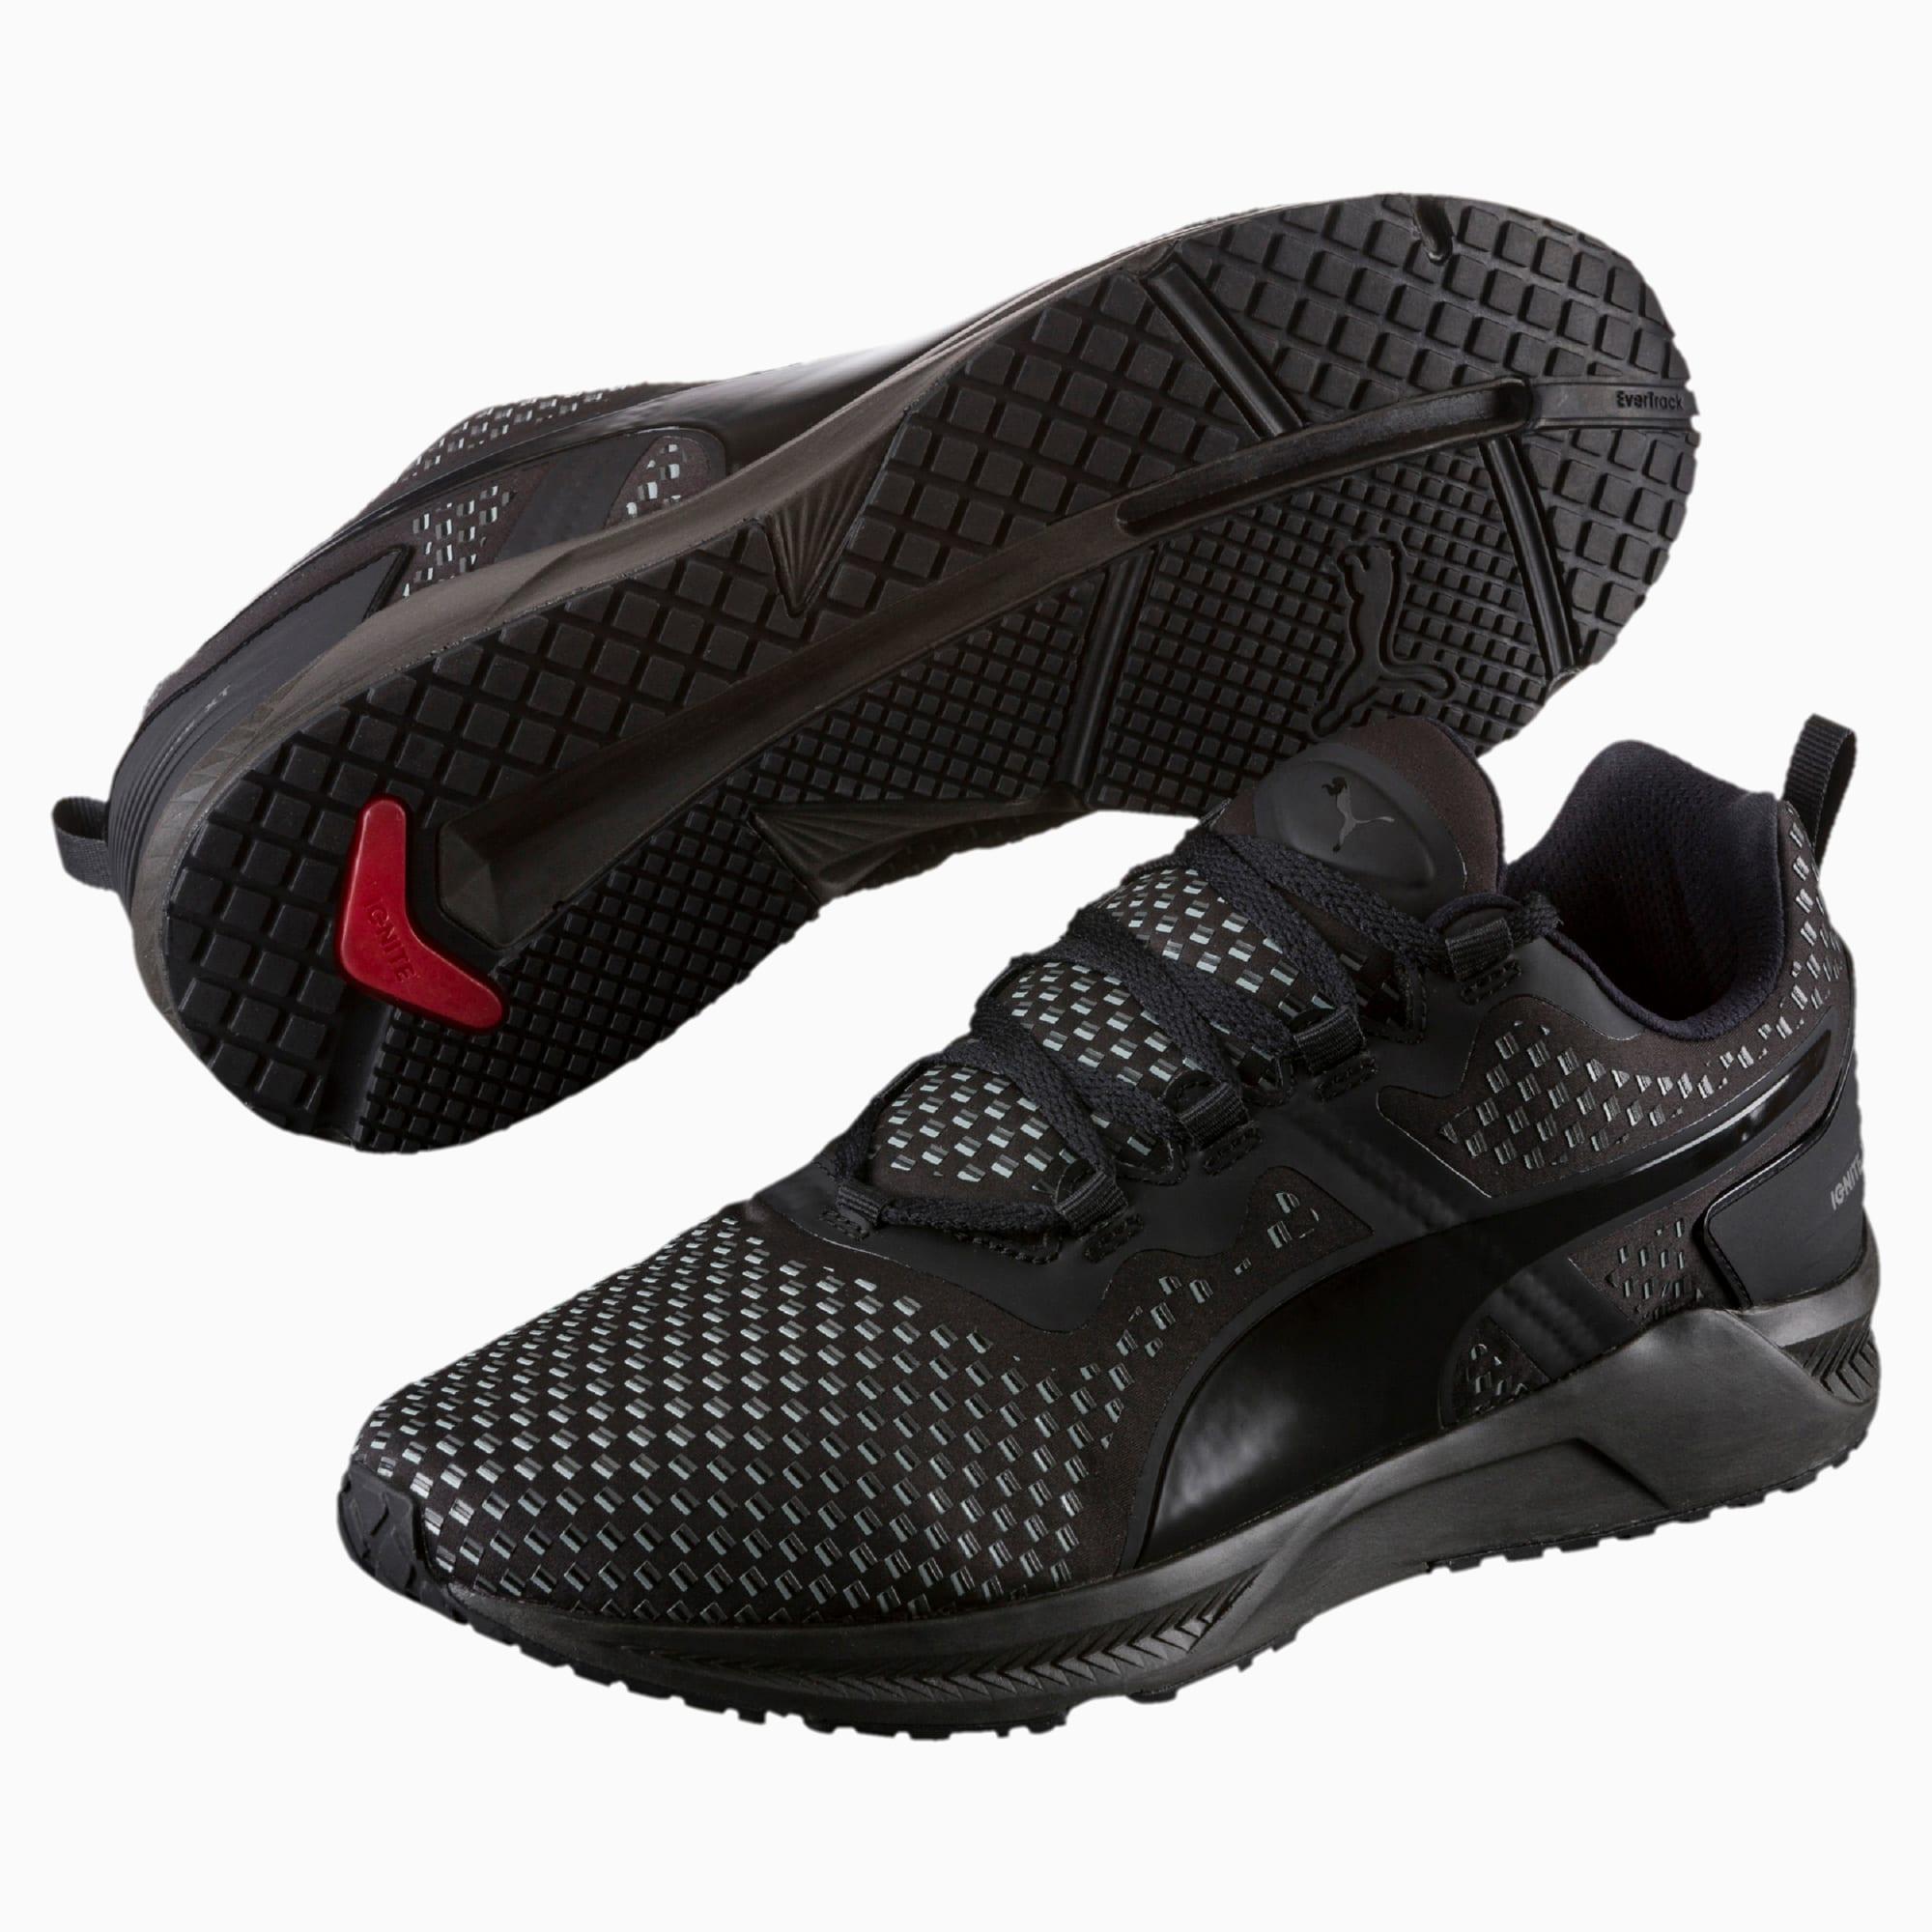 discount shop catch official site Chaussure pour l'entraînement IGNITE XT v2 Shift pour homme | PUMA ...